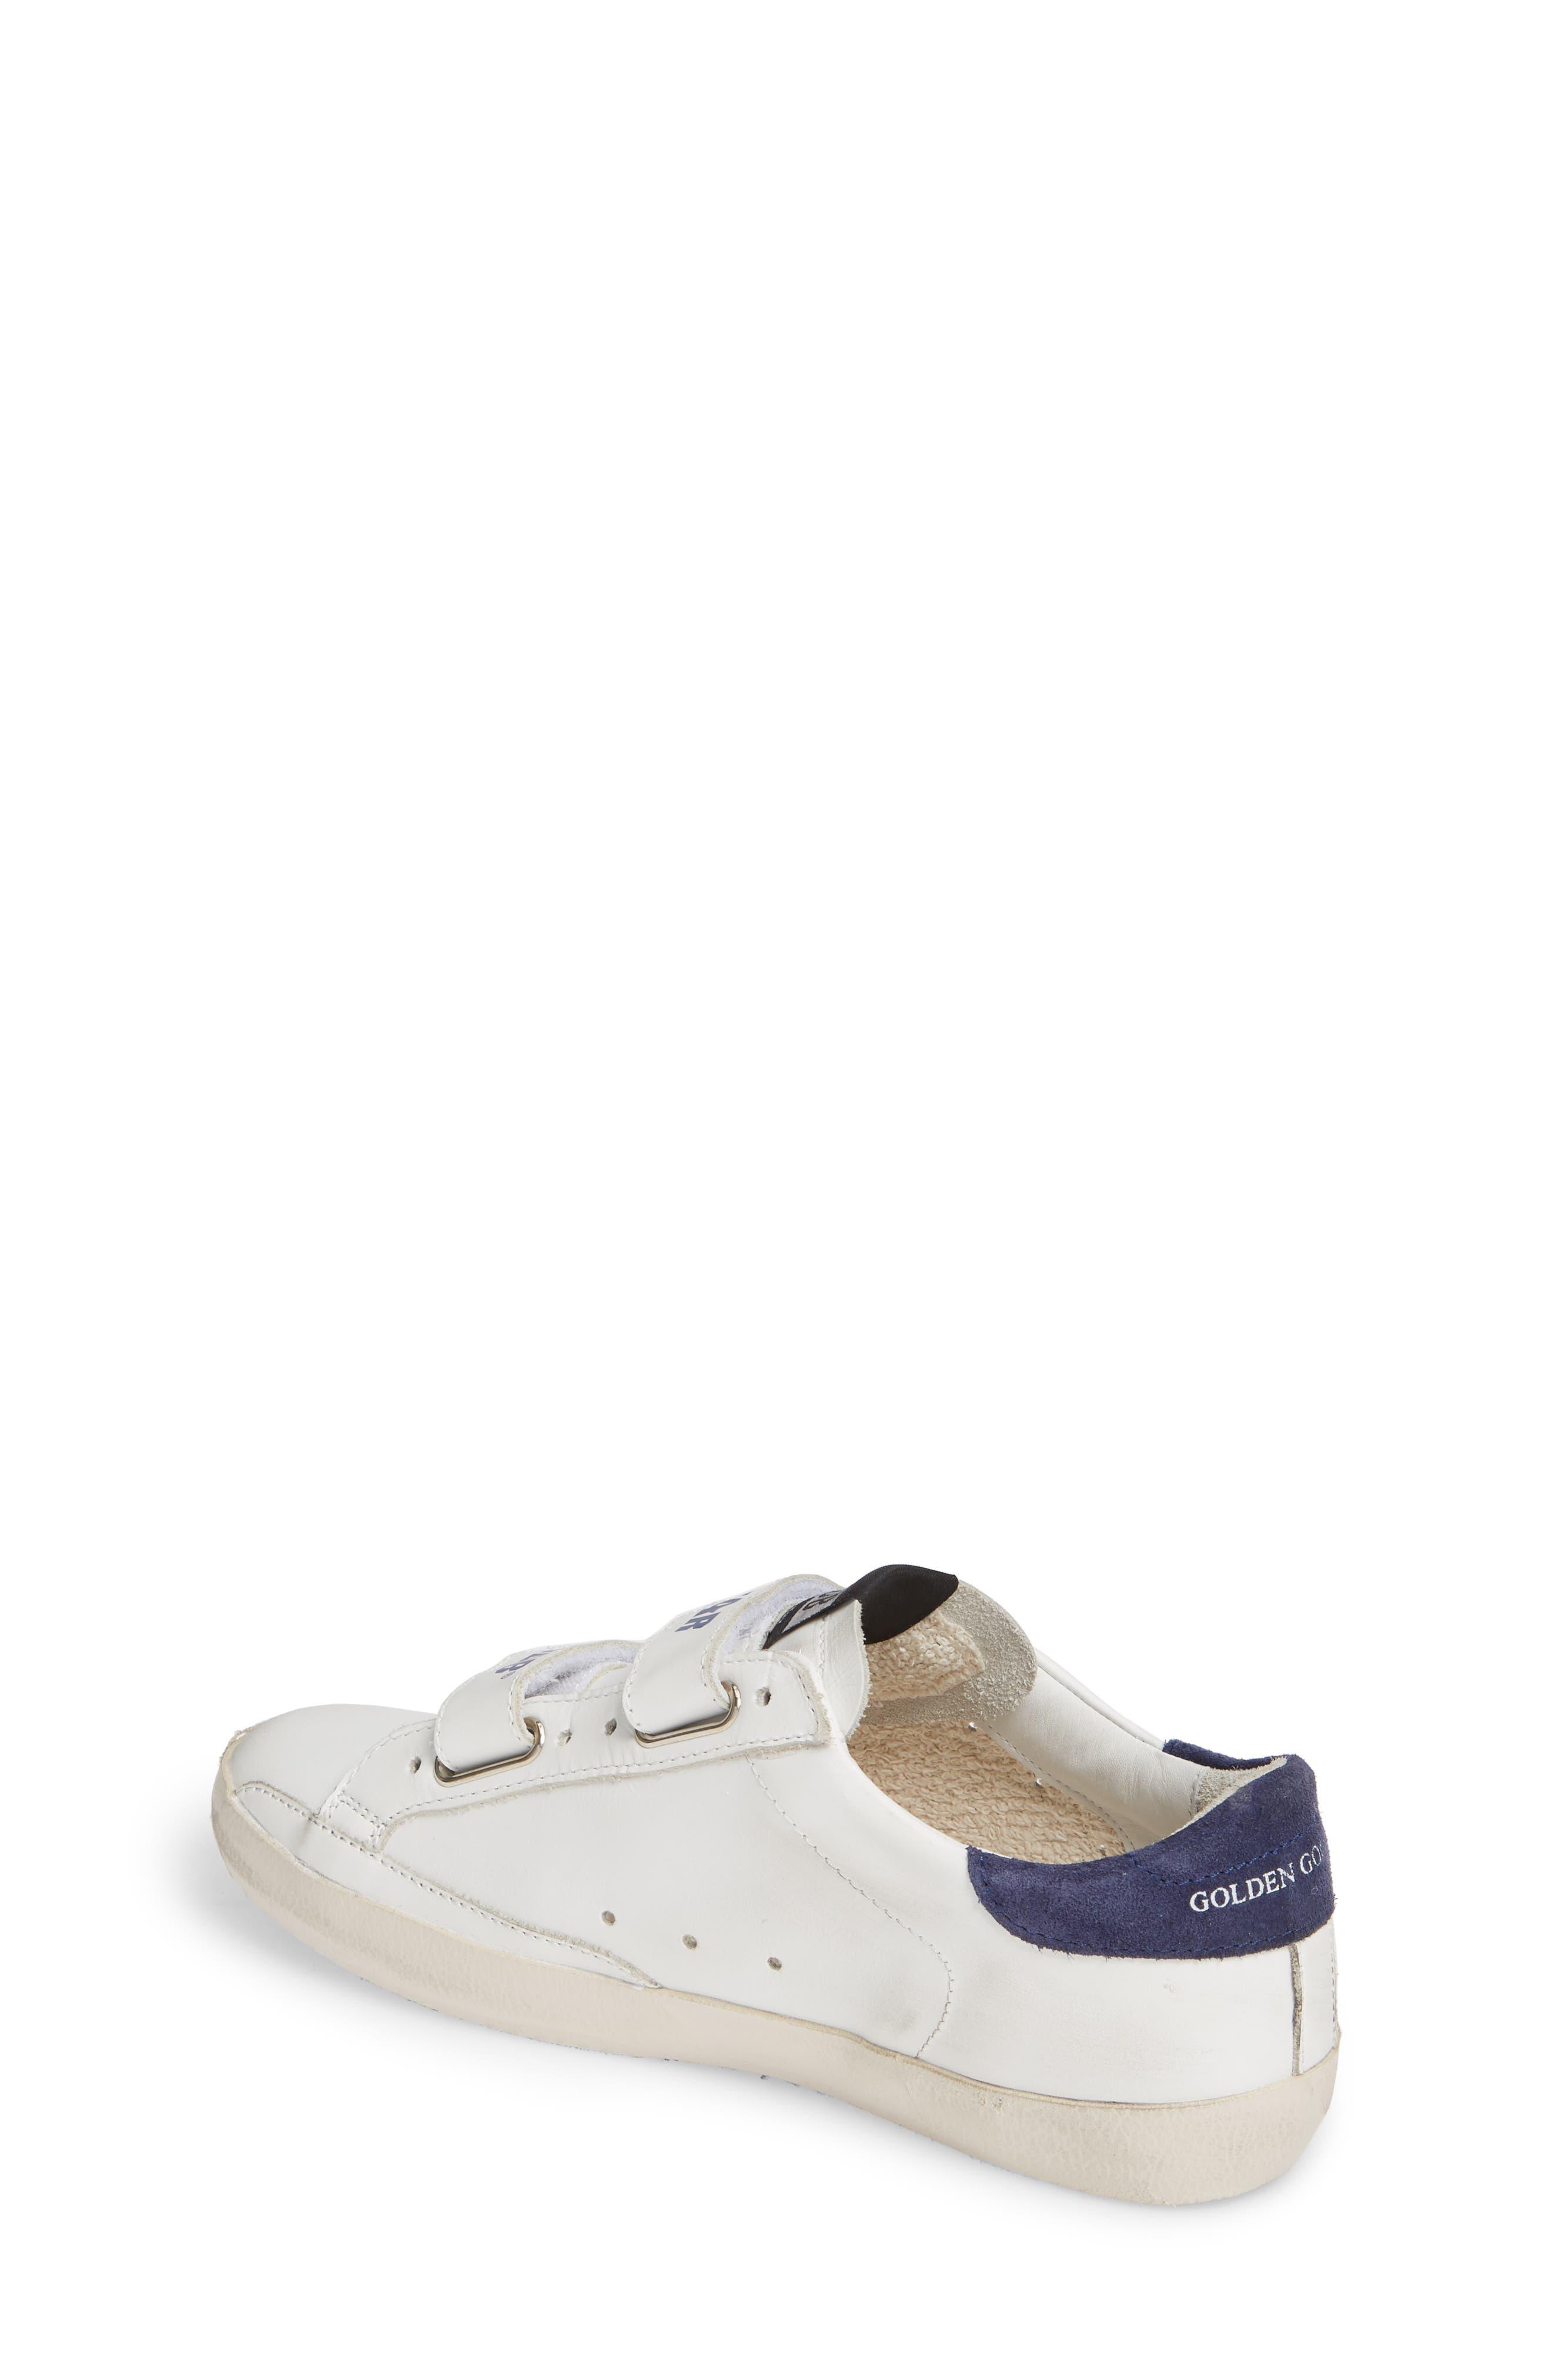 GOLDEN GOOSE,                             Glitter Old School Sneaker,                             Alternate thumbnail 2, color,                             WHITE LEATHER/ NAVY STAR